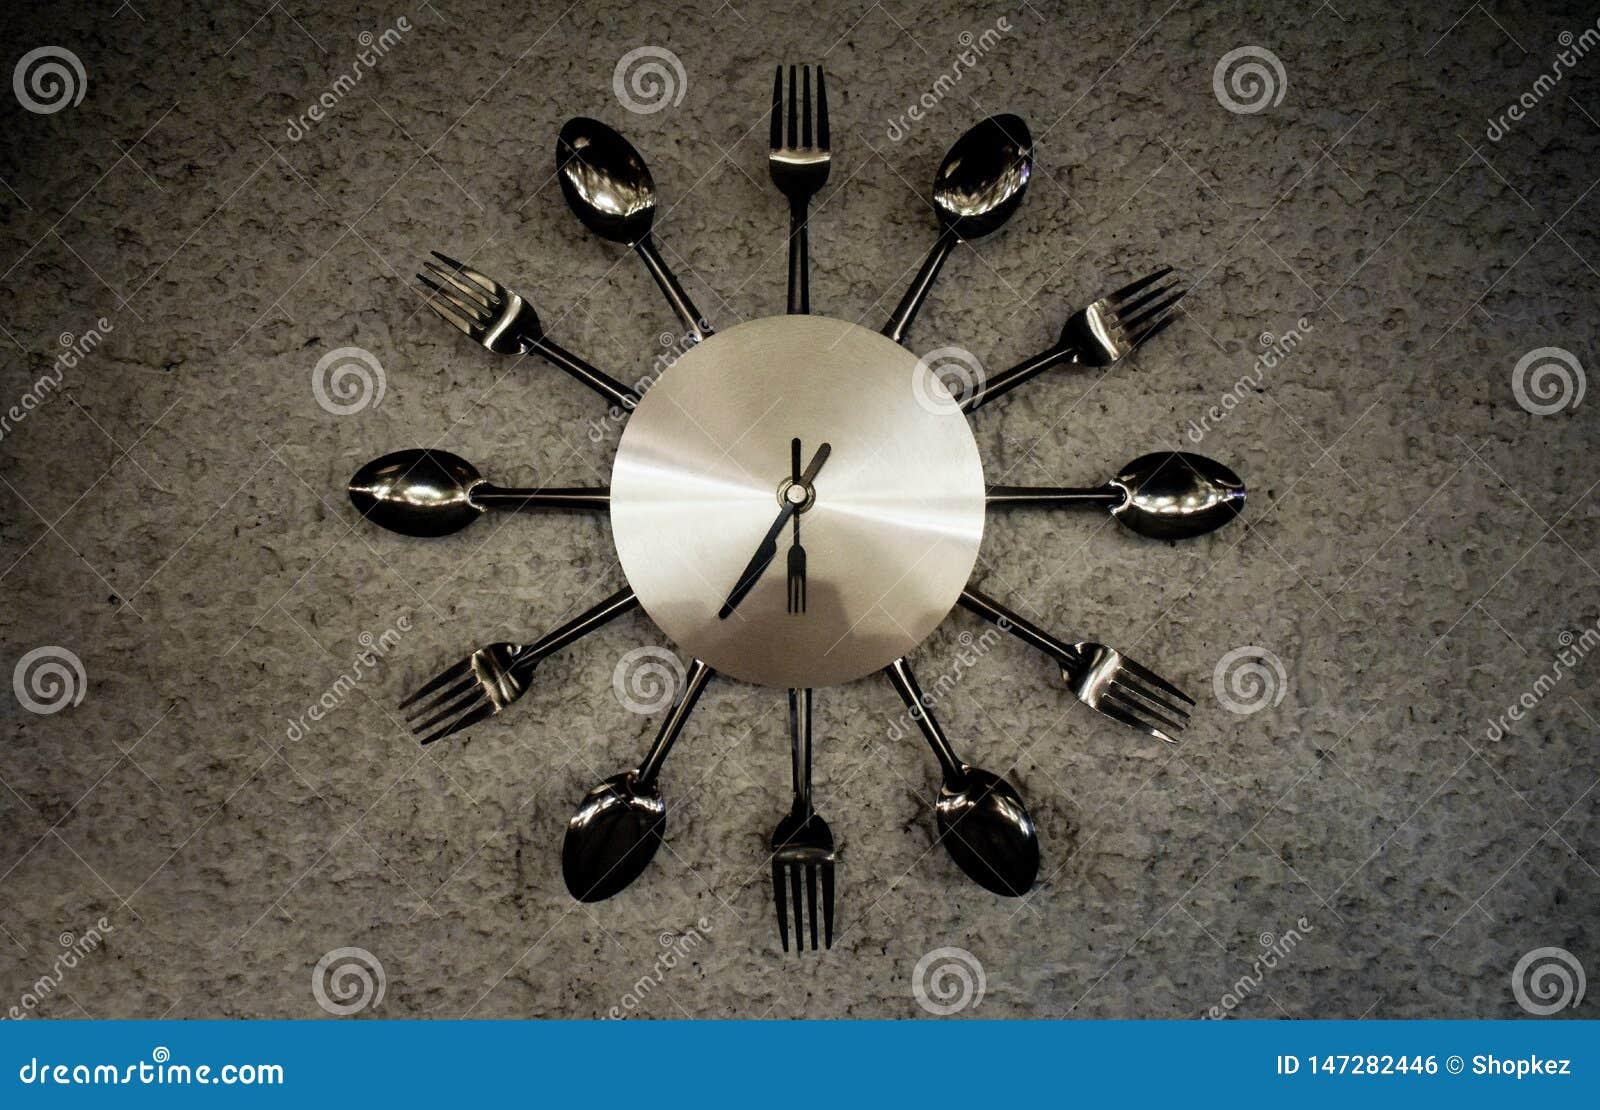 Kruszcowy ja?nienie zegarek szczeg?lnie robi? dla restauracji dekoracji z rozwidleniami, ?y?kami i knifes,